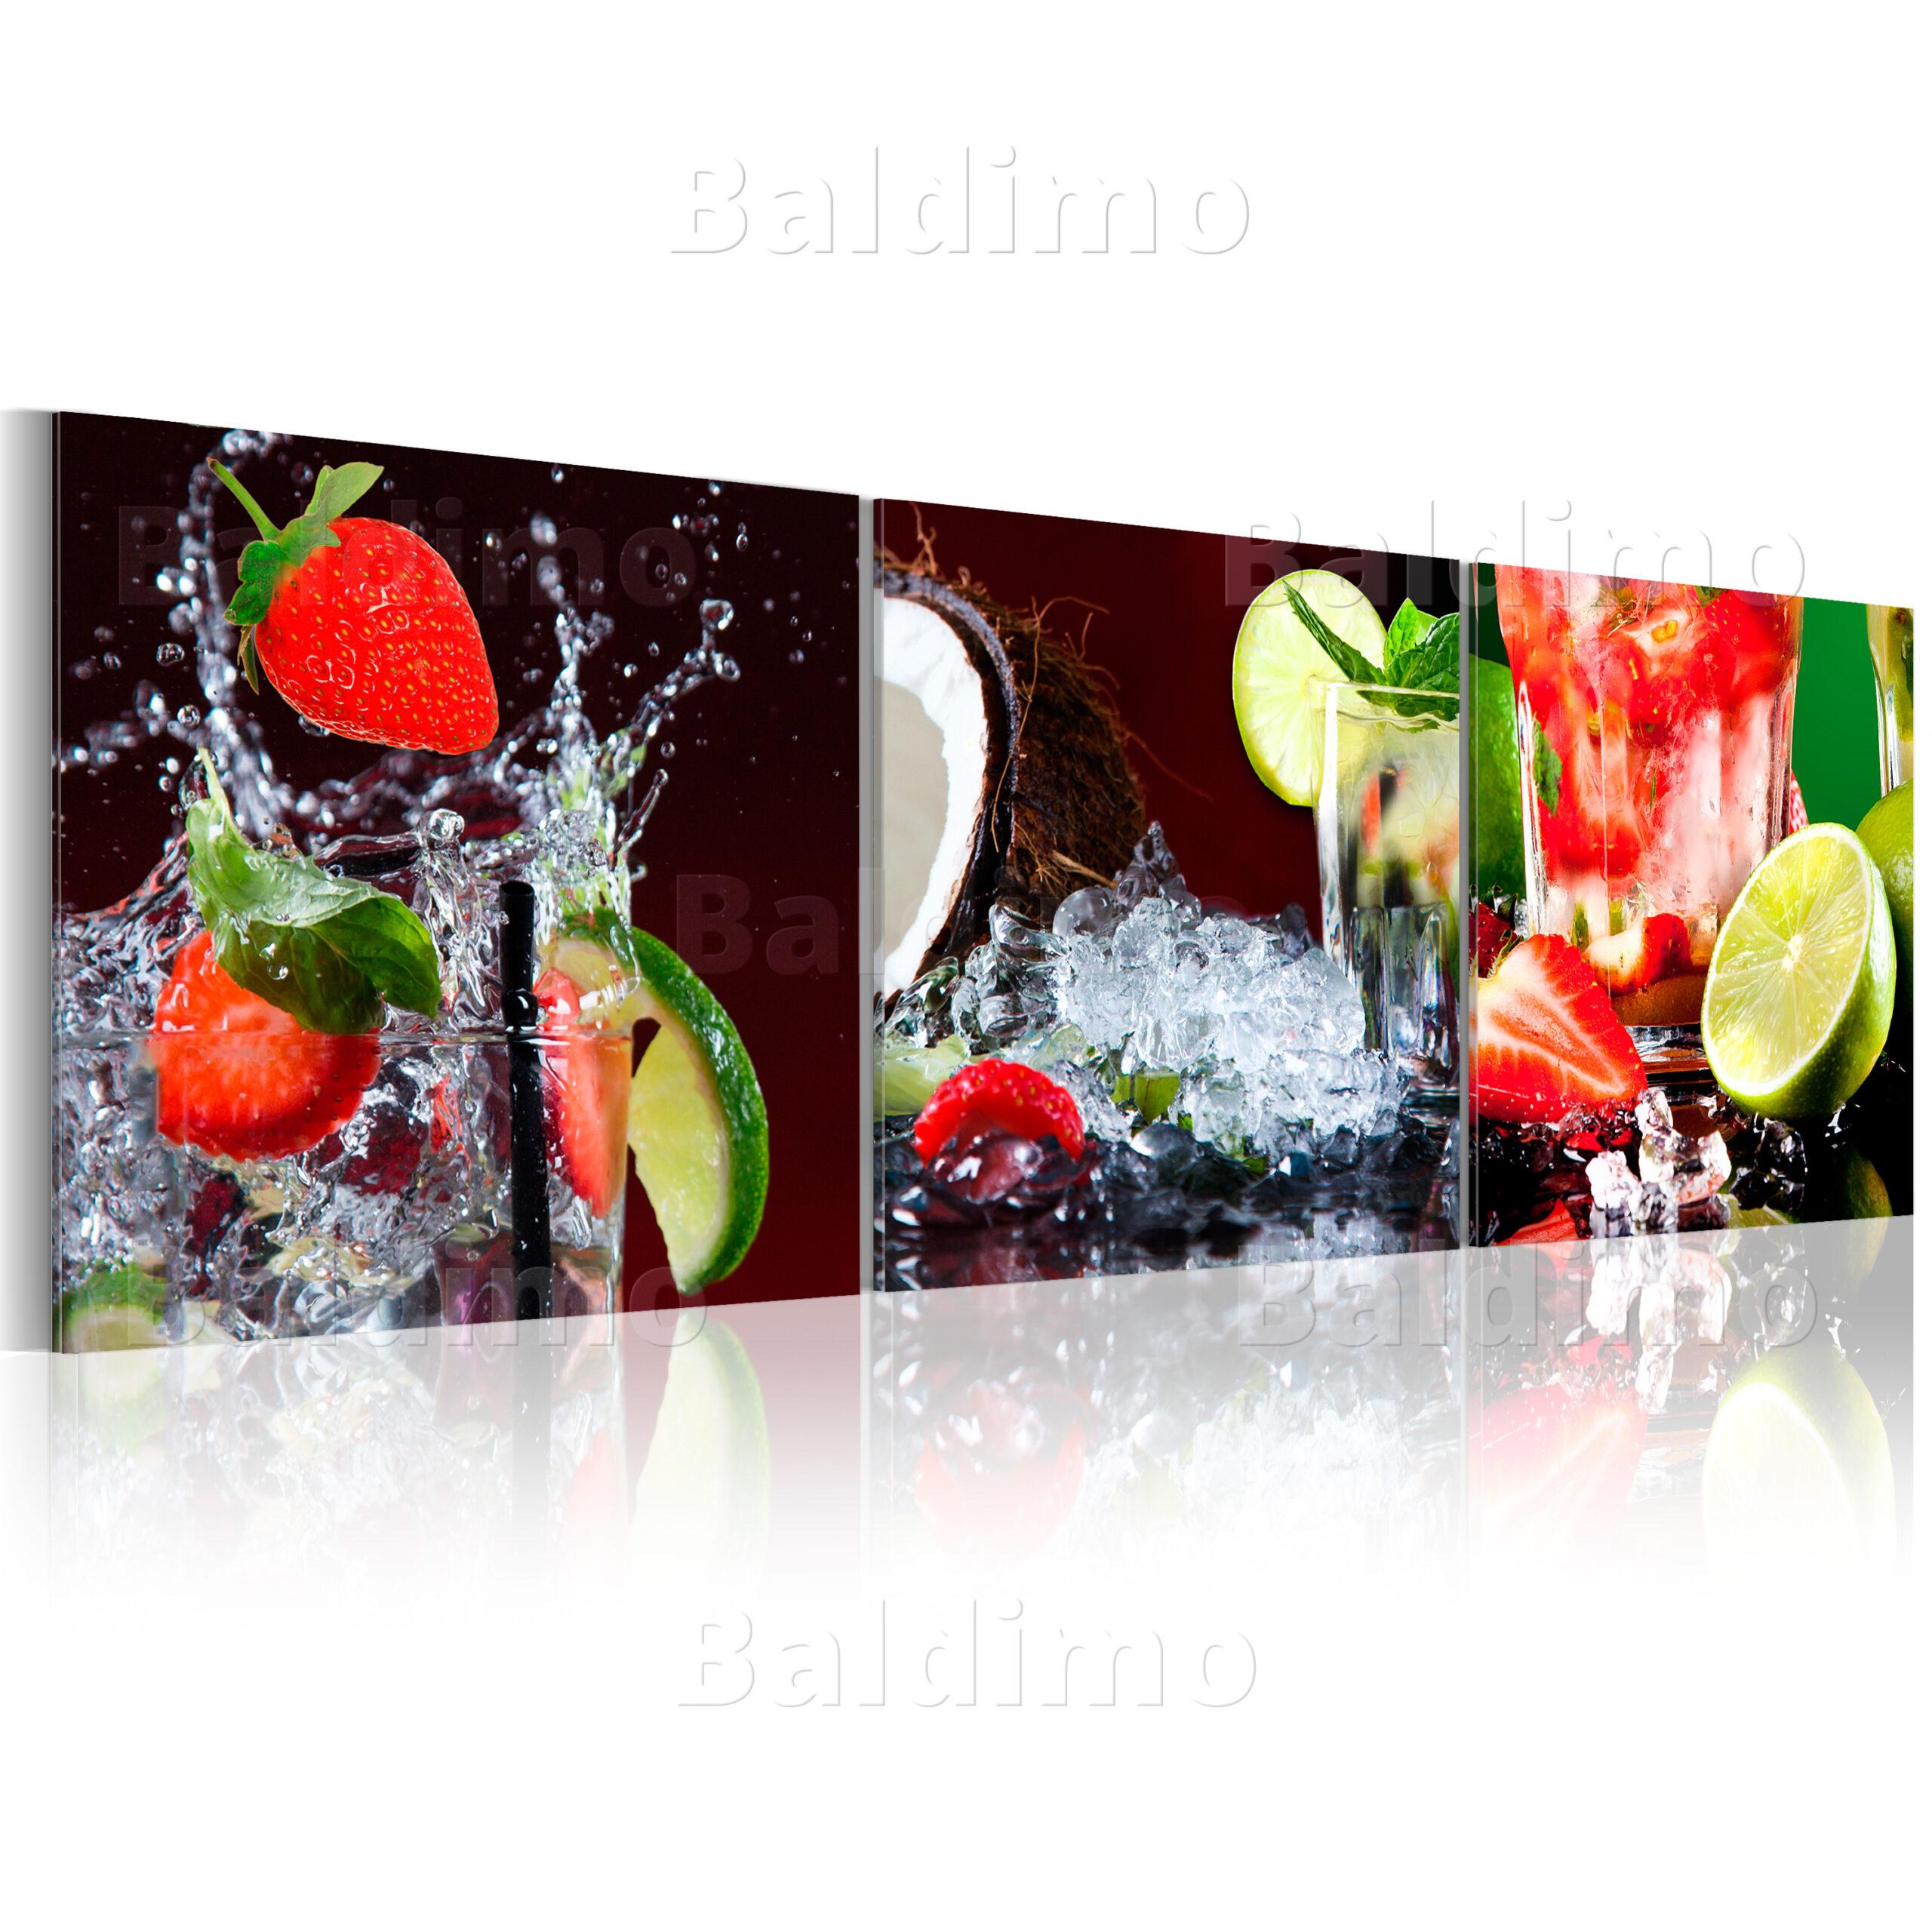 Full Size of Küchen Glasbilder Deko Glas Bilder Kuche Caseconradcom Bad Küche Regal Wohnzimmer Küchen Glasbilder